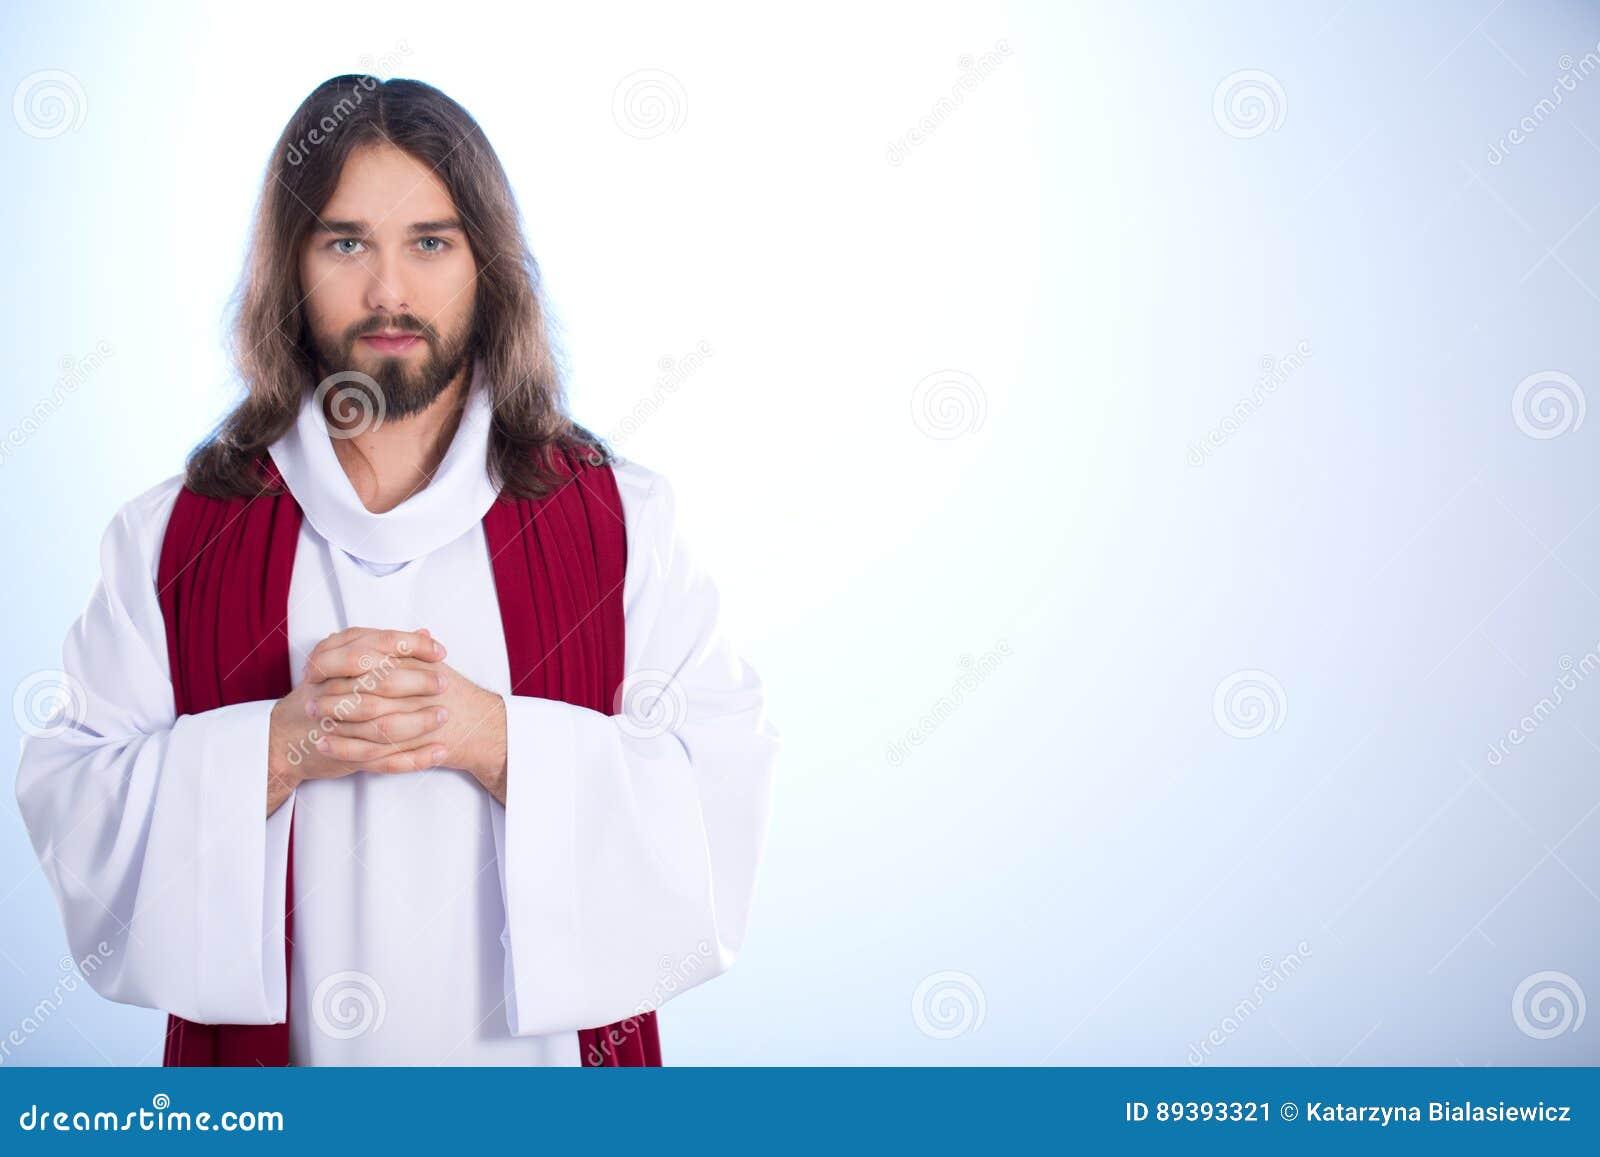 Jesus Christ completamente da paz